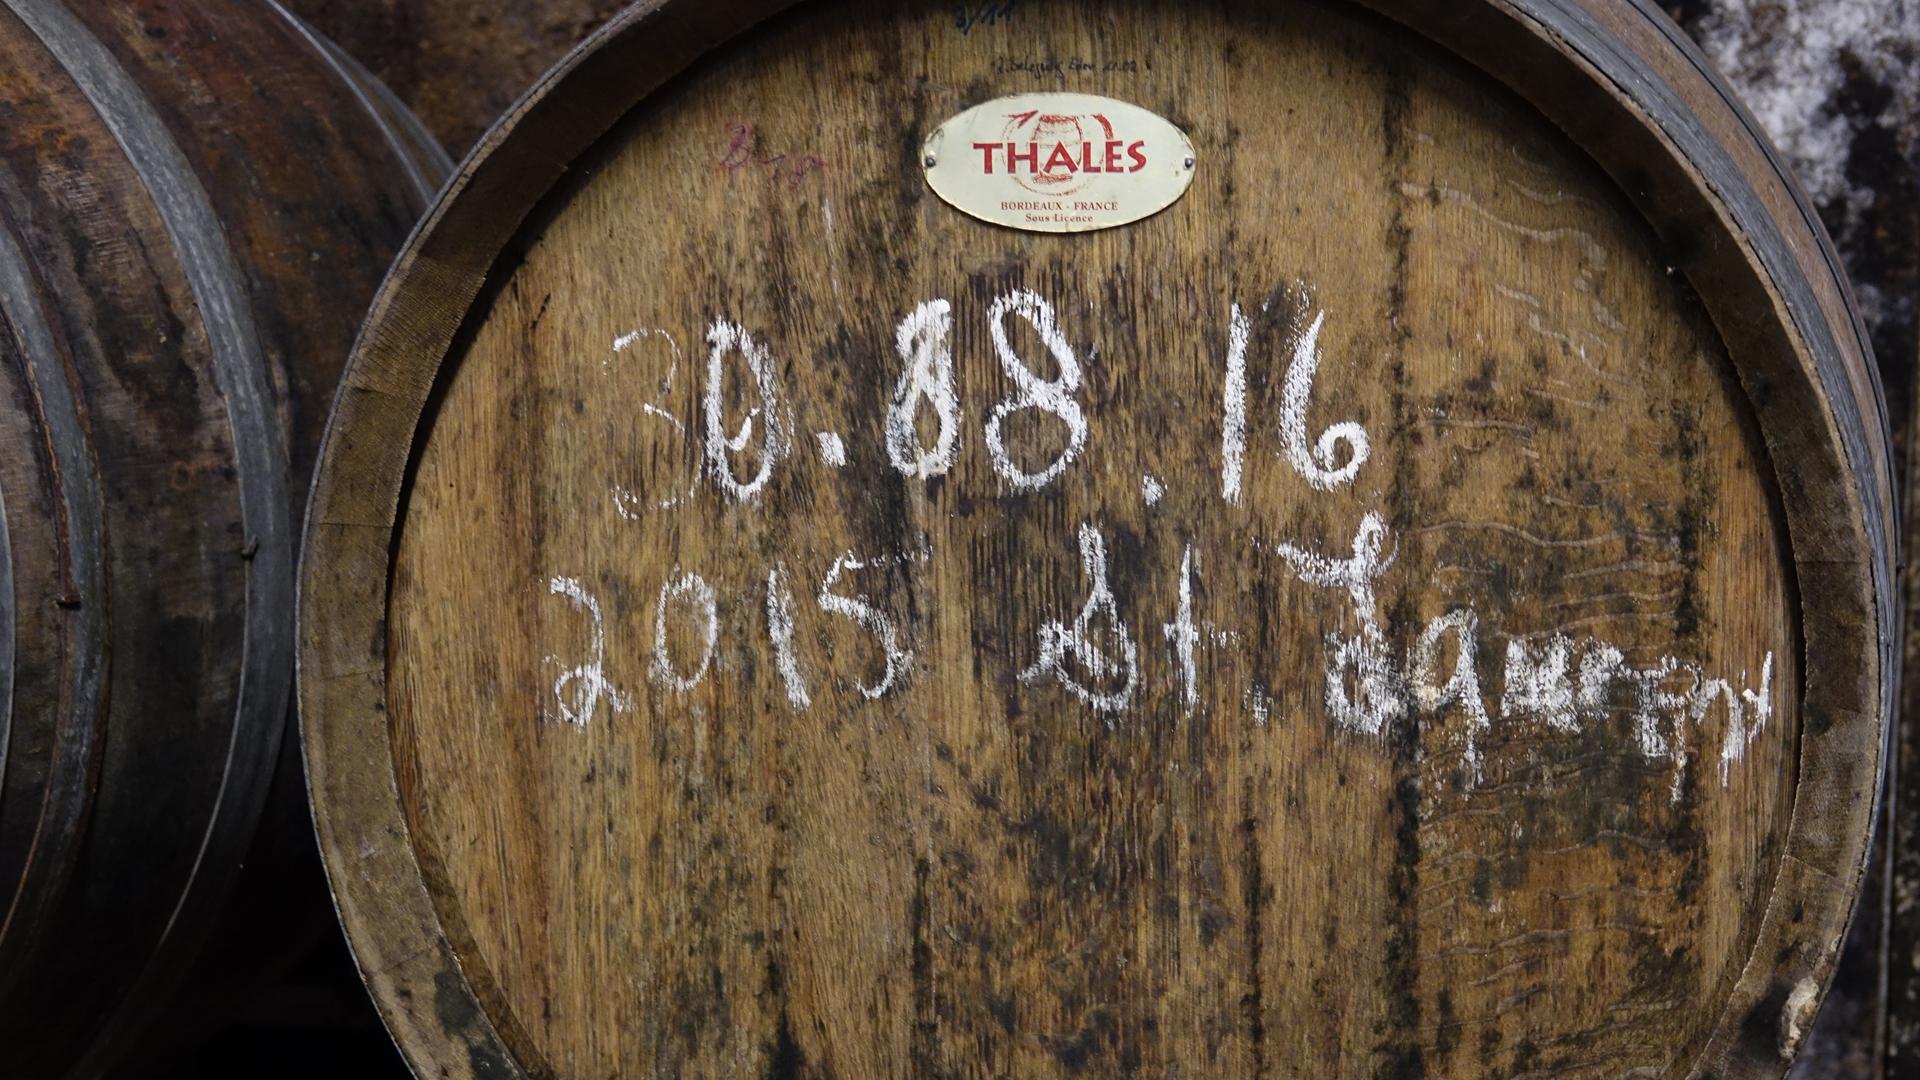 Im Weinfass reift ein Rotwein. Das Holz verleiht dem Wein eine zusätzliche Geschmacksnote.